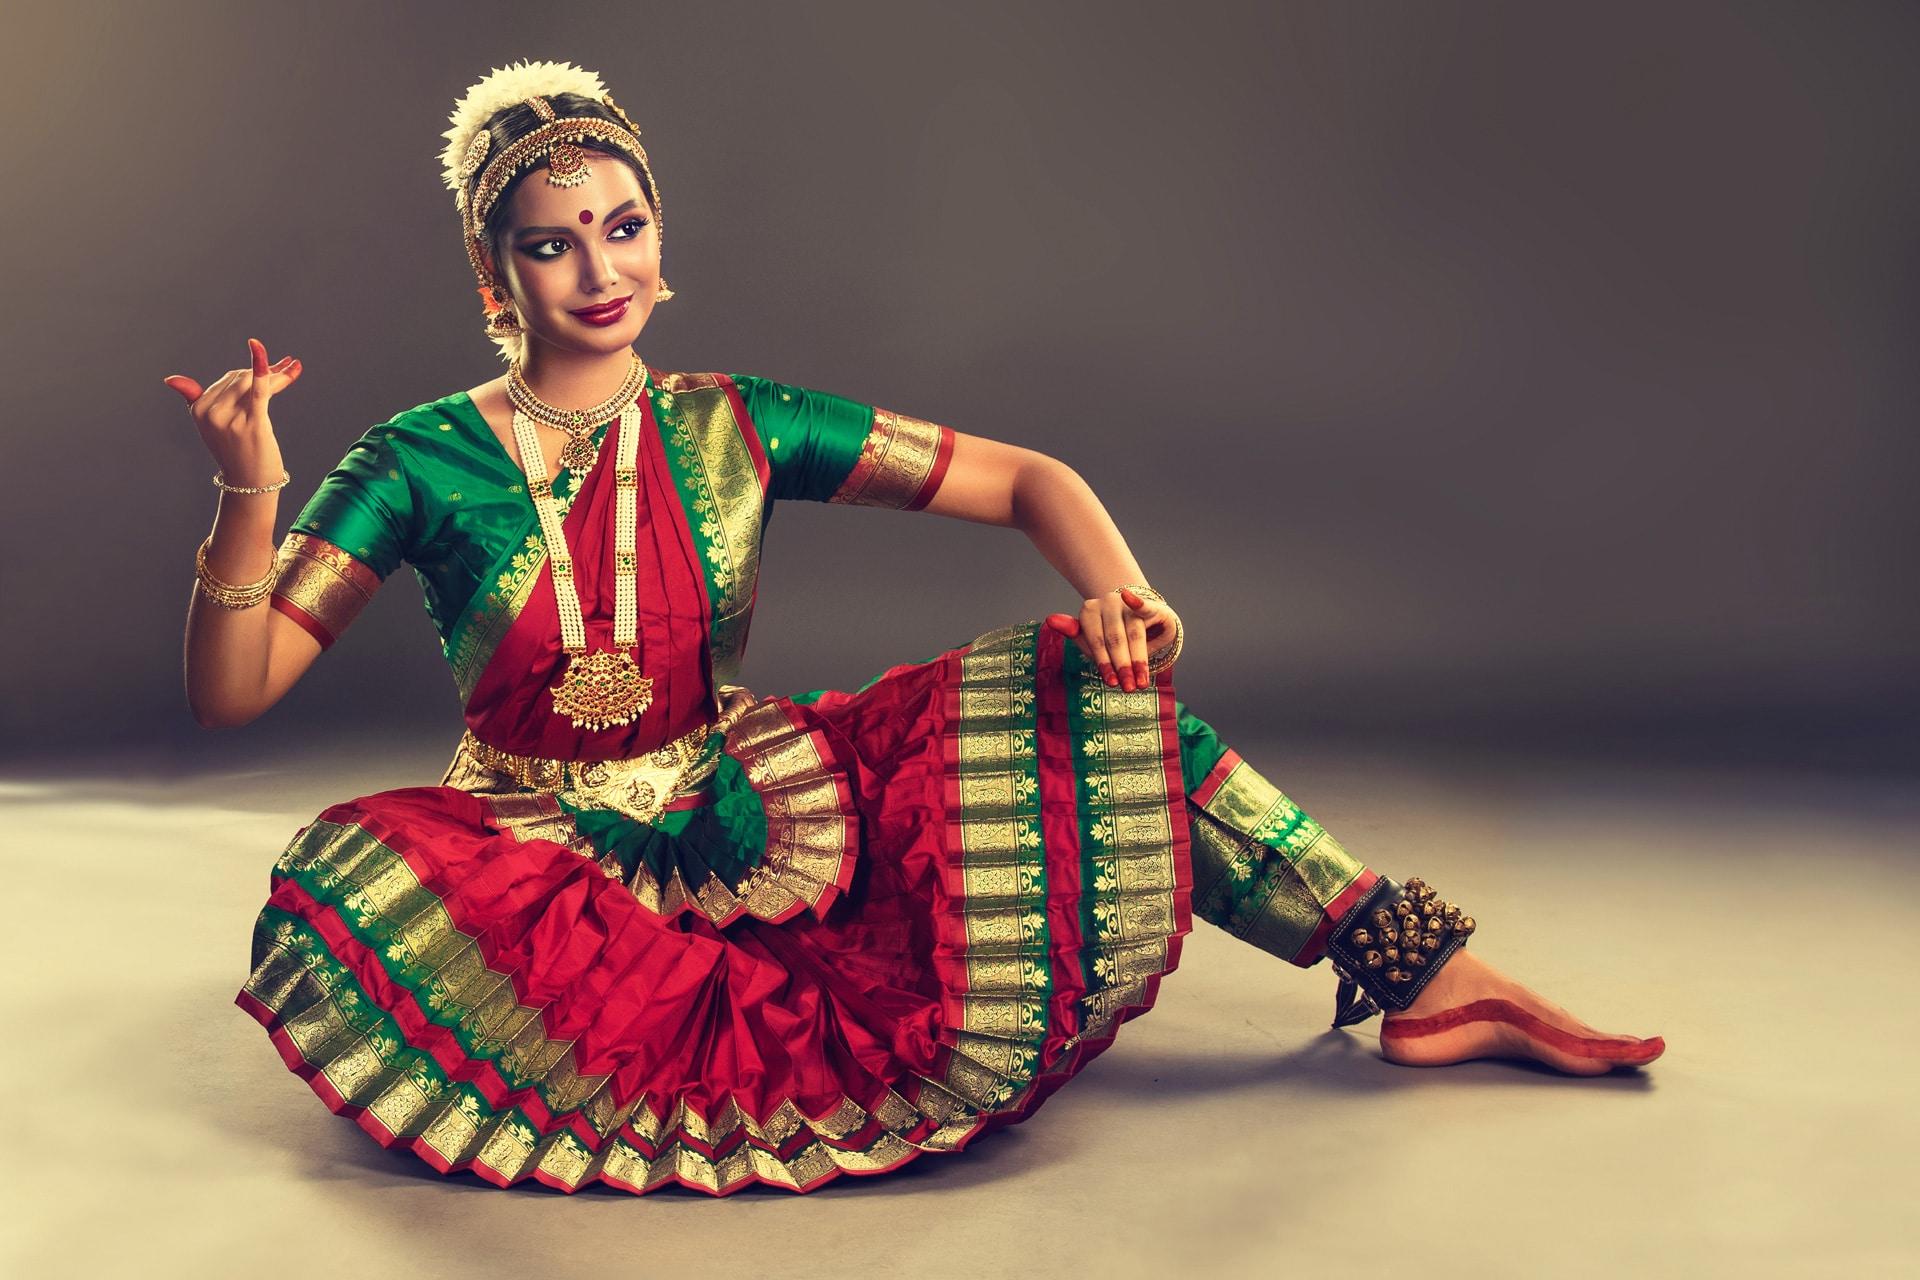 Оригинальная, открытка танцовщица в прозе индийского классического танца бхаратанатьям цена